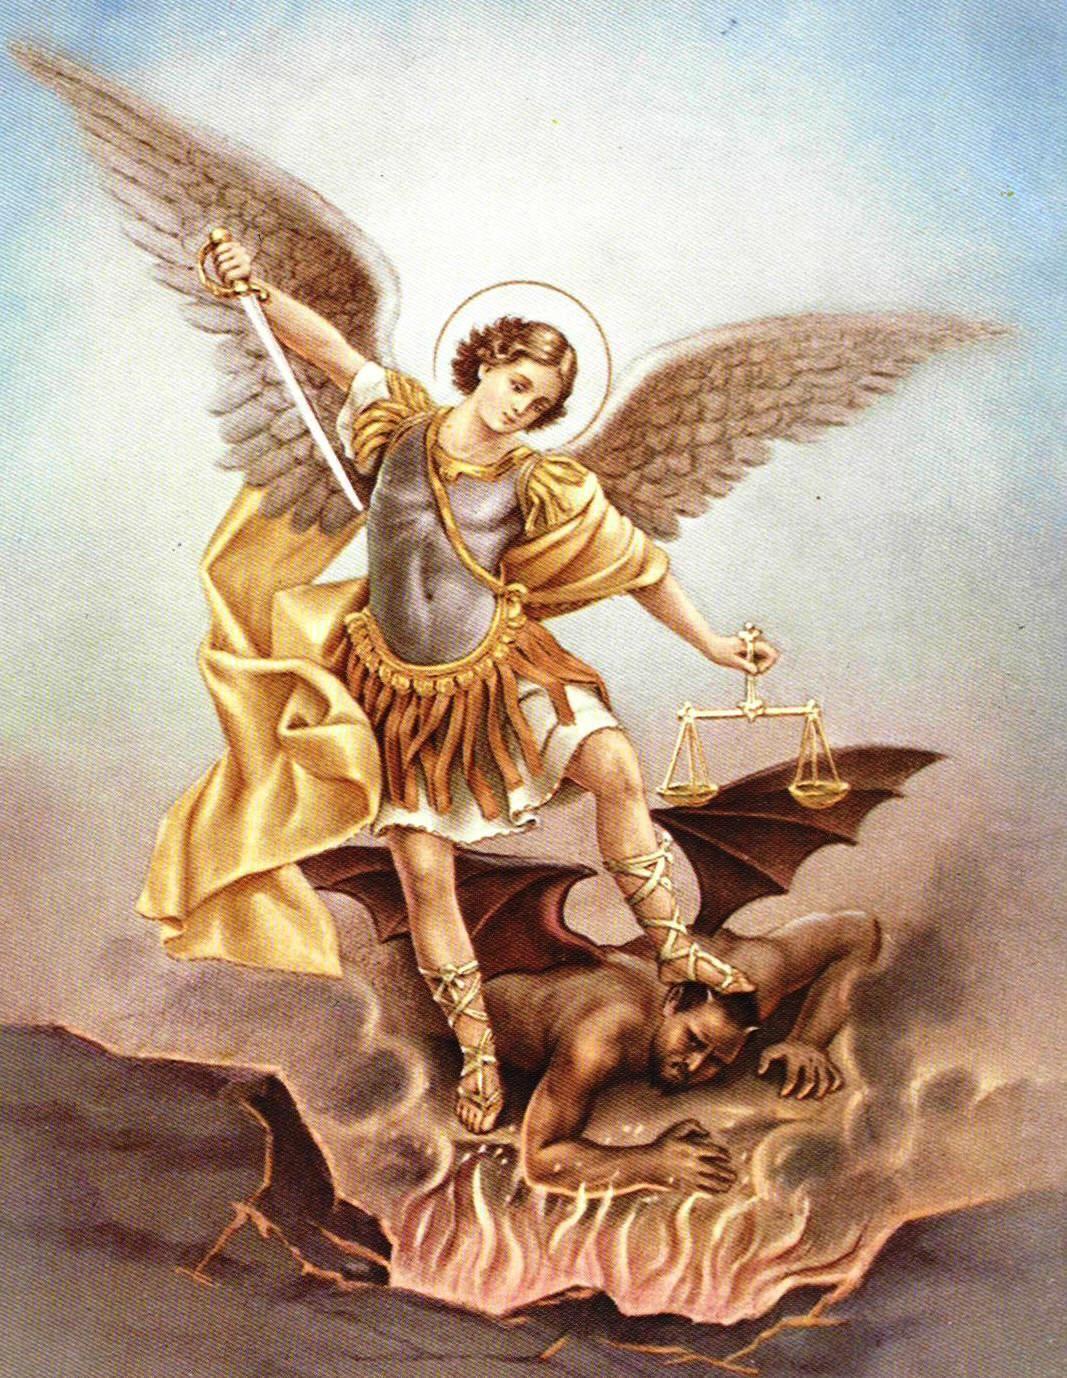 San Miguel Arcángel 2   San miguel arcángel, Imagenes de san miguel, Arcangel  miguel